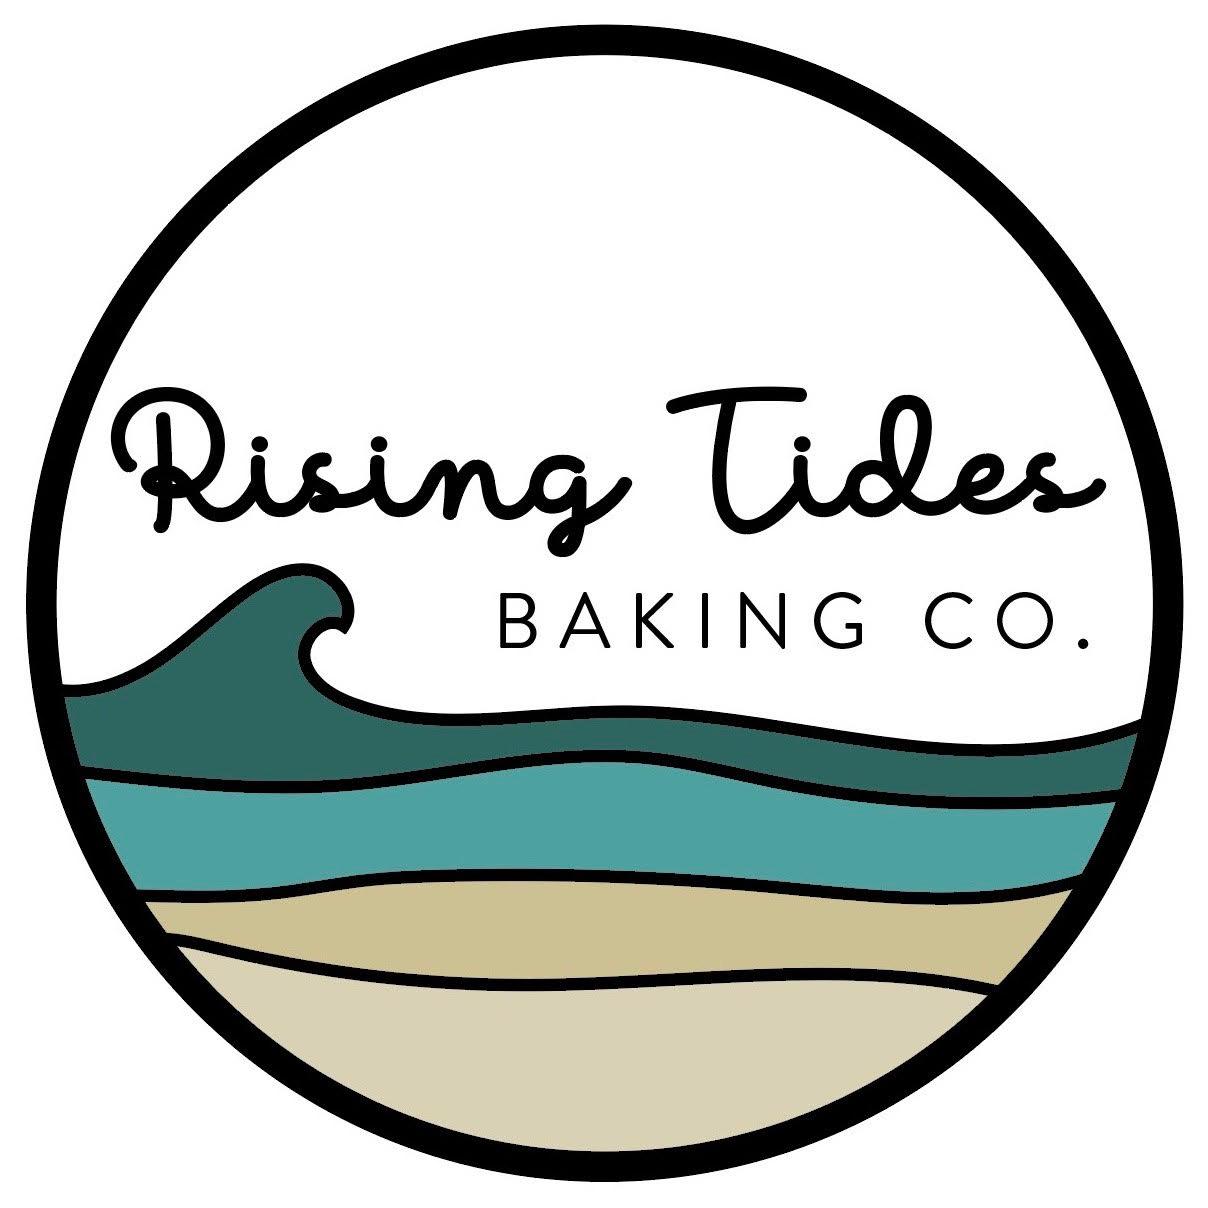 Rising Tides Baking Company